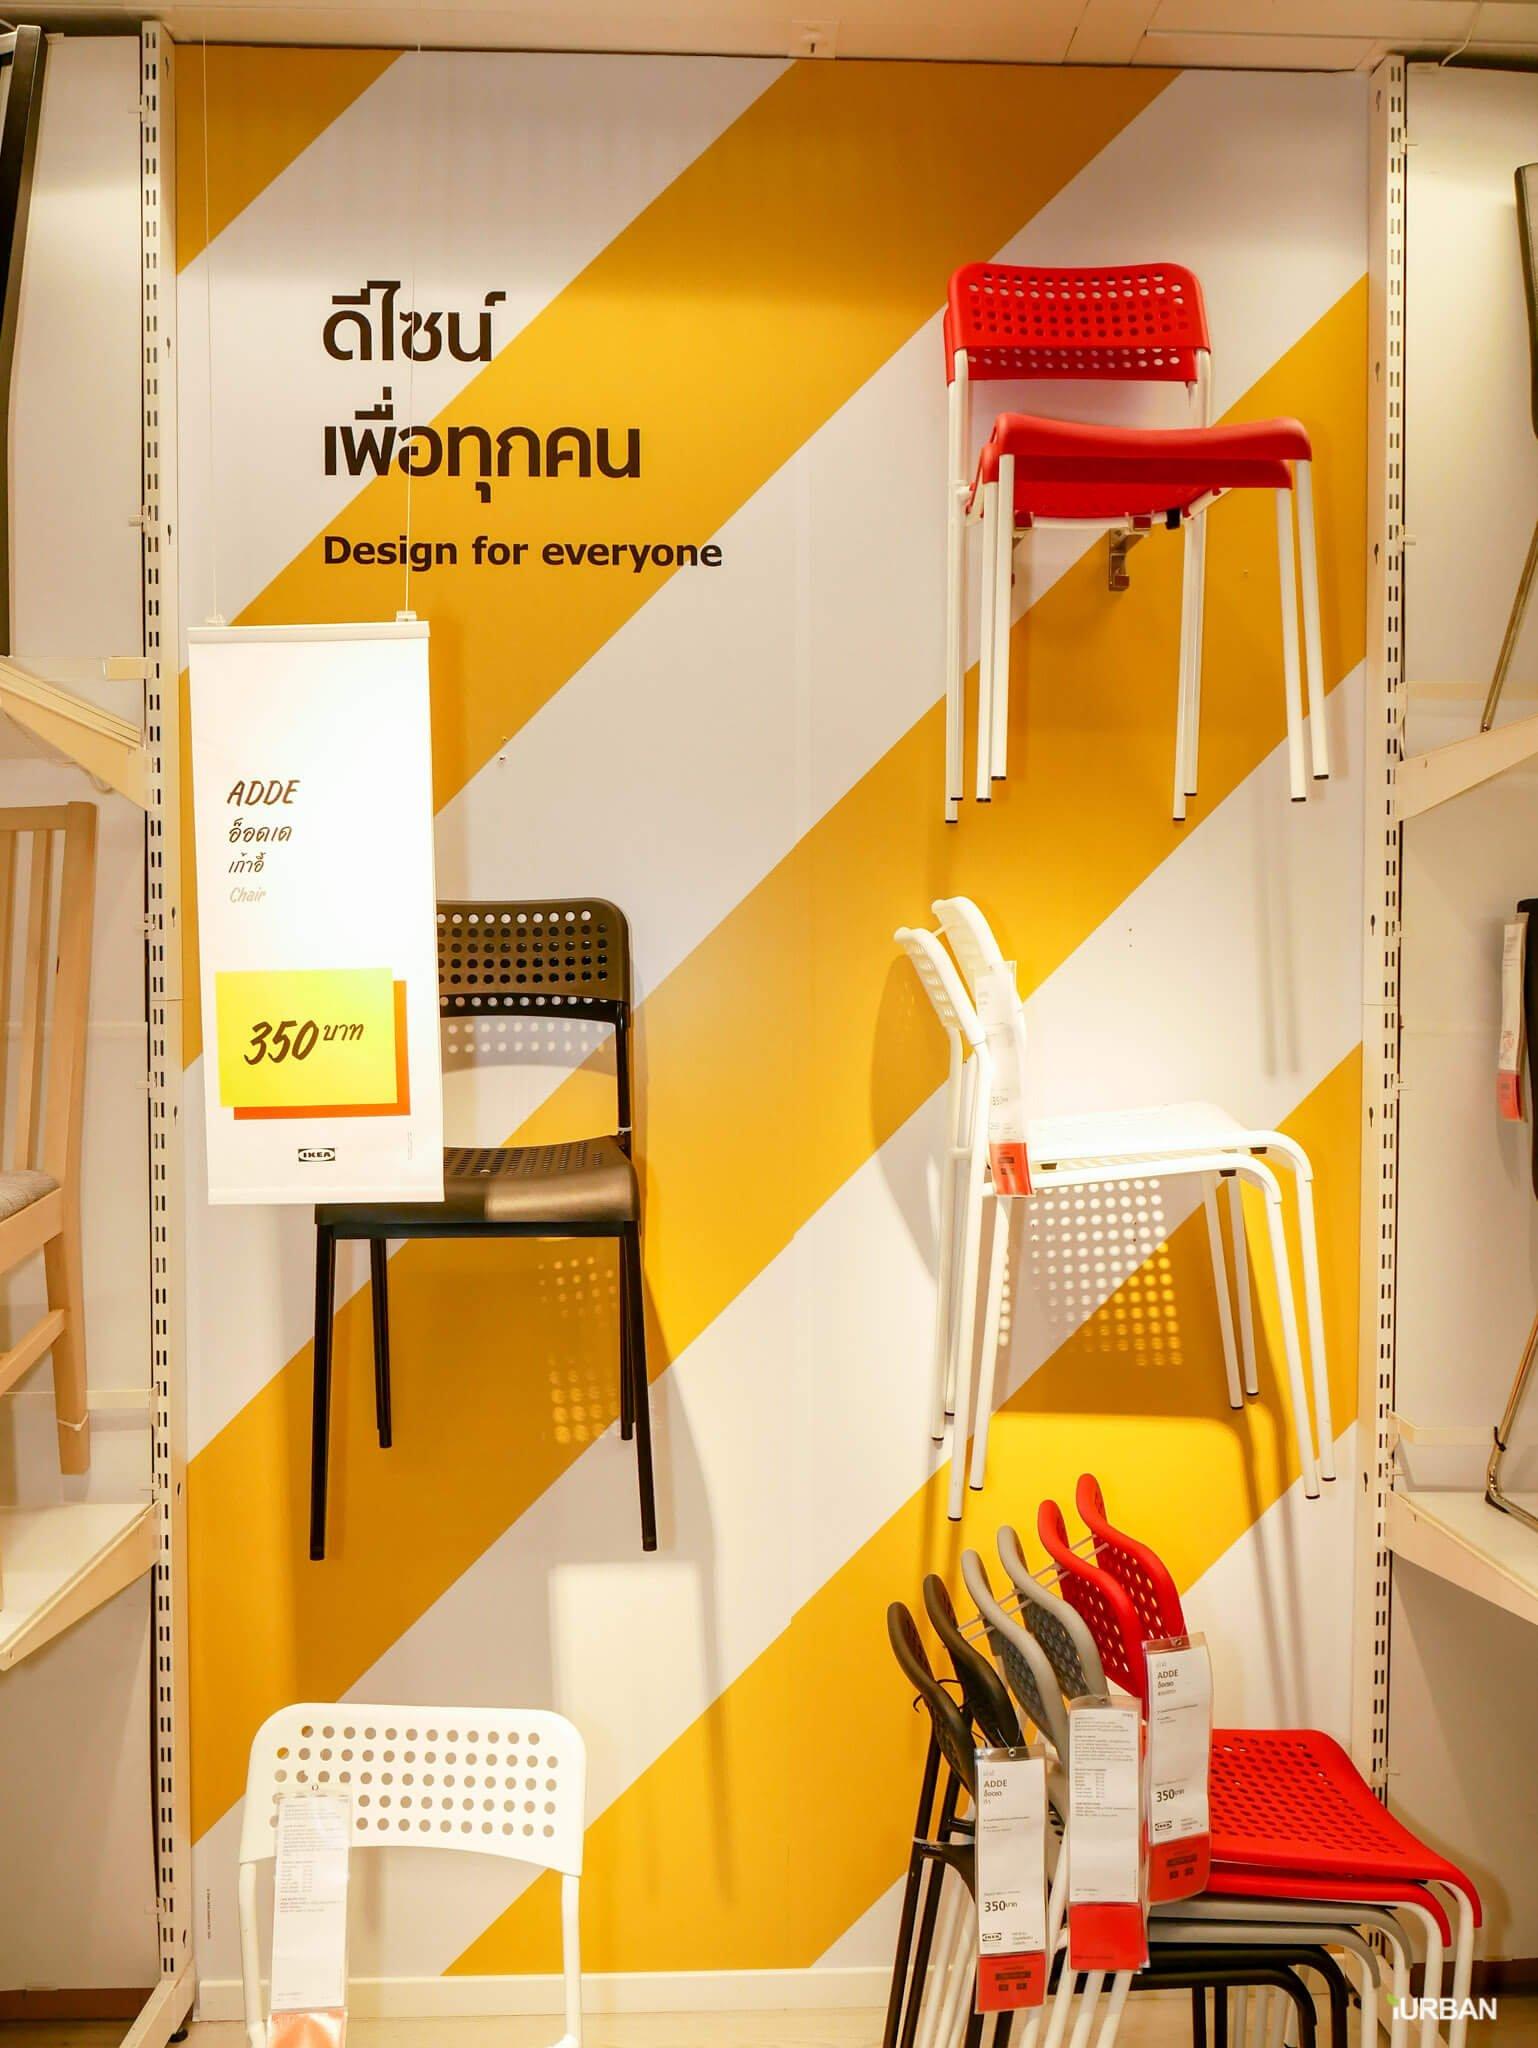 มันเยอะมากกกก!! IKEA Year End SALE 2017 รวมของเซลในอิเกีย ลดเยอะ ลดแหลก รีบพุ่งตัวไป วันนี้ - 7 มกราคม 61 33 - IKEA (อิเกีย)